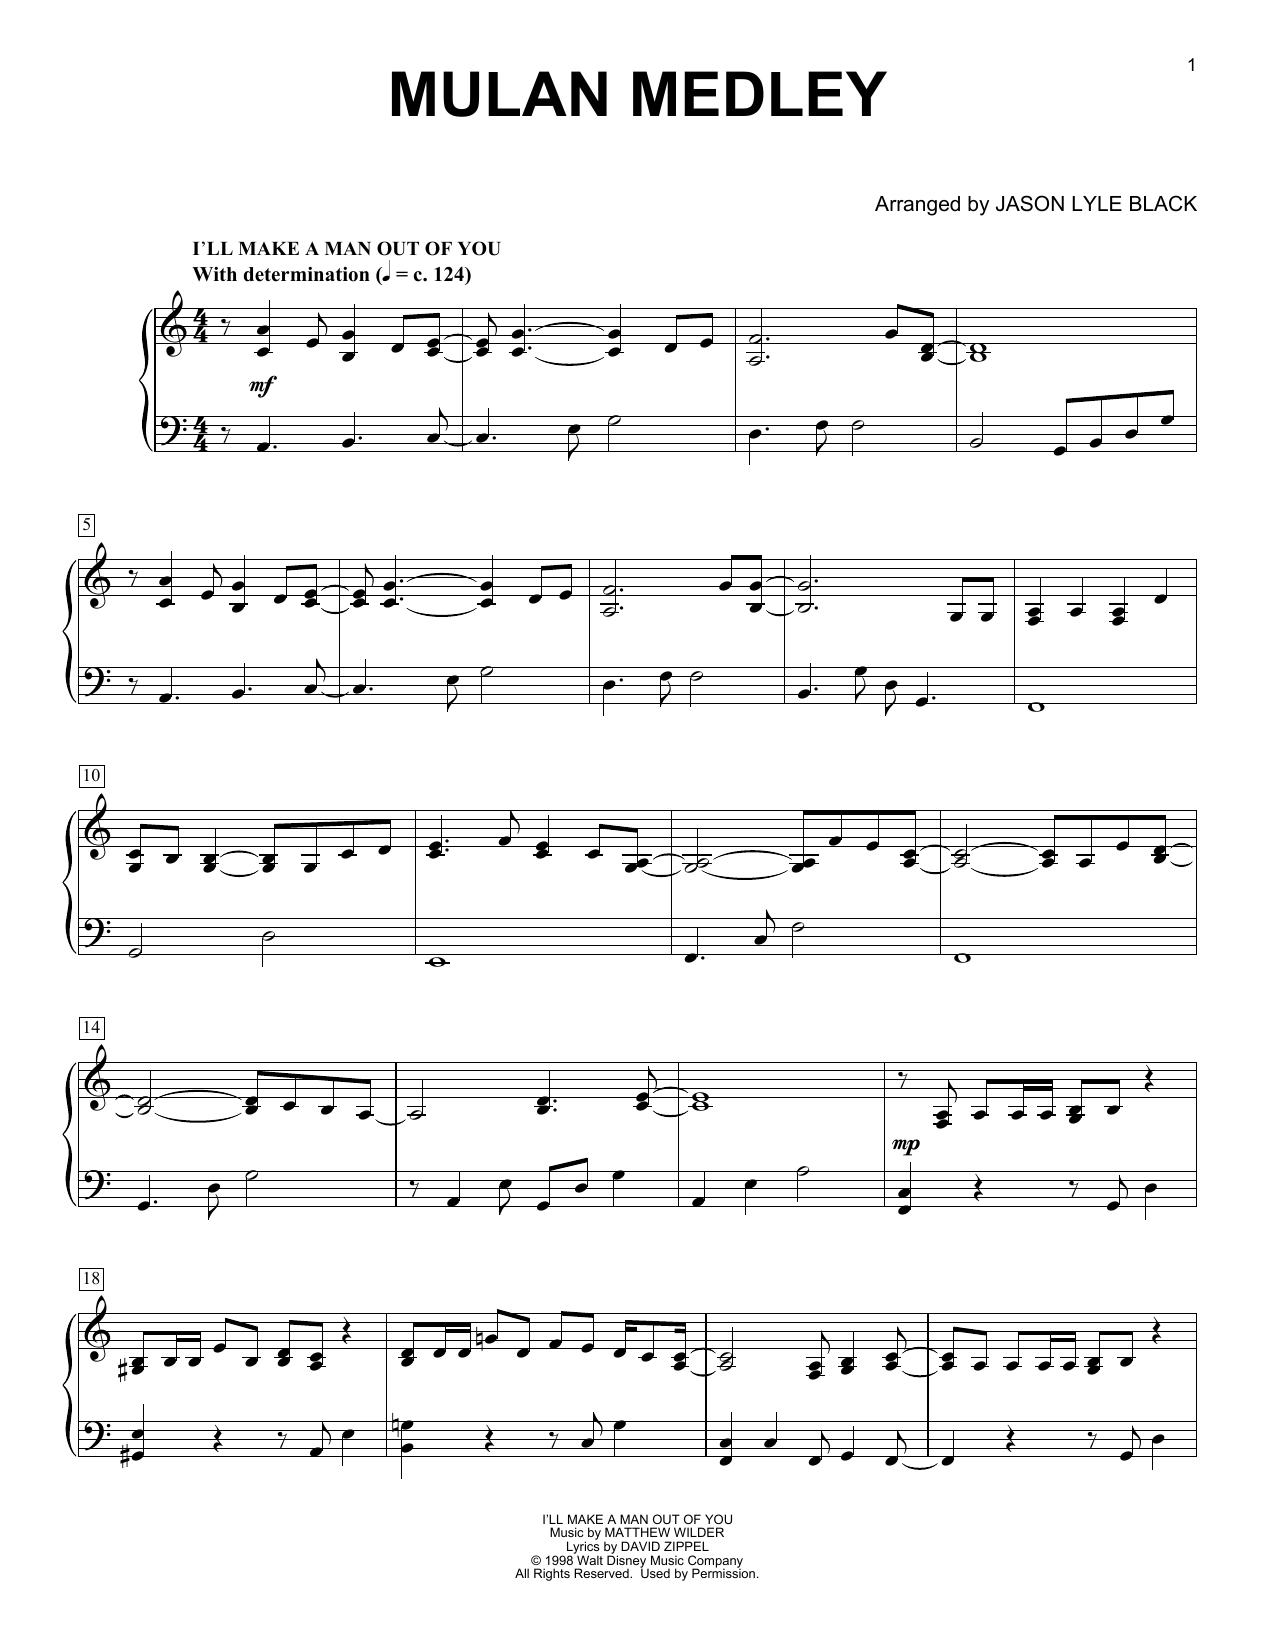 Matthew Wilder & David Zippel Mulan Medley (arr. Jason Lyle Black) sheet music notes and chords. Download Printable PDF.